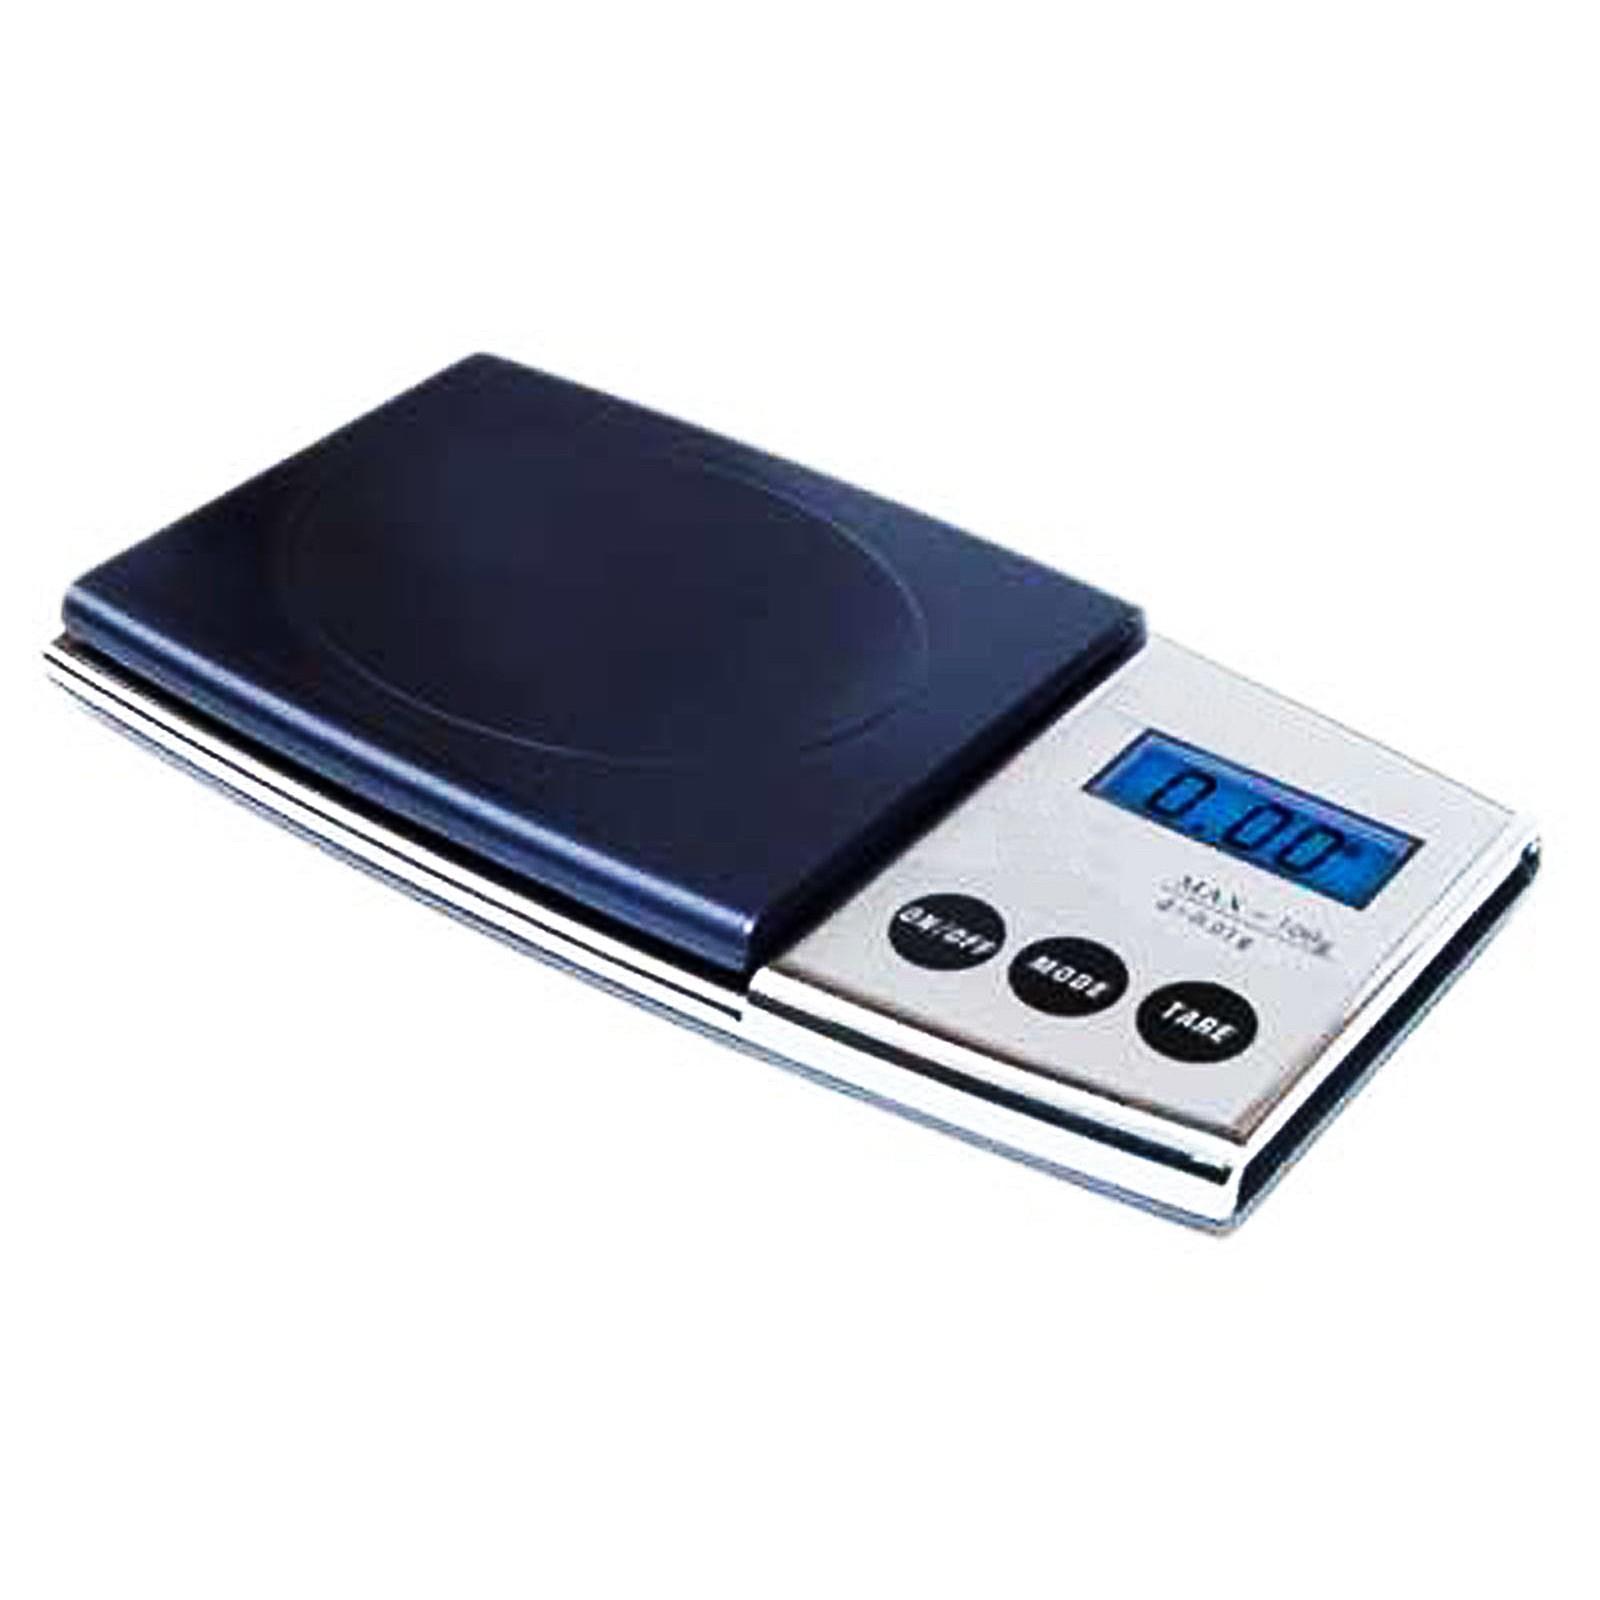 BILANCINO DI PRECISIONE MINI BILANCIA DIGITALE DISPLAY LCD PESA ORO 0.1gr 500gr